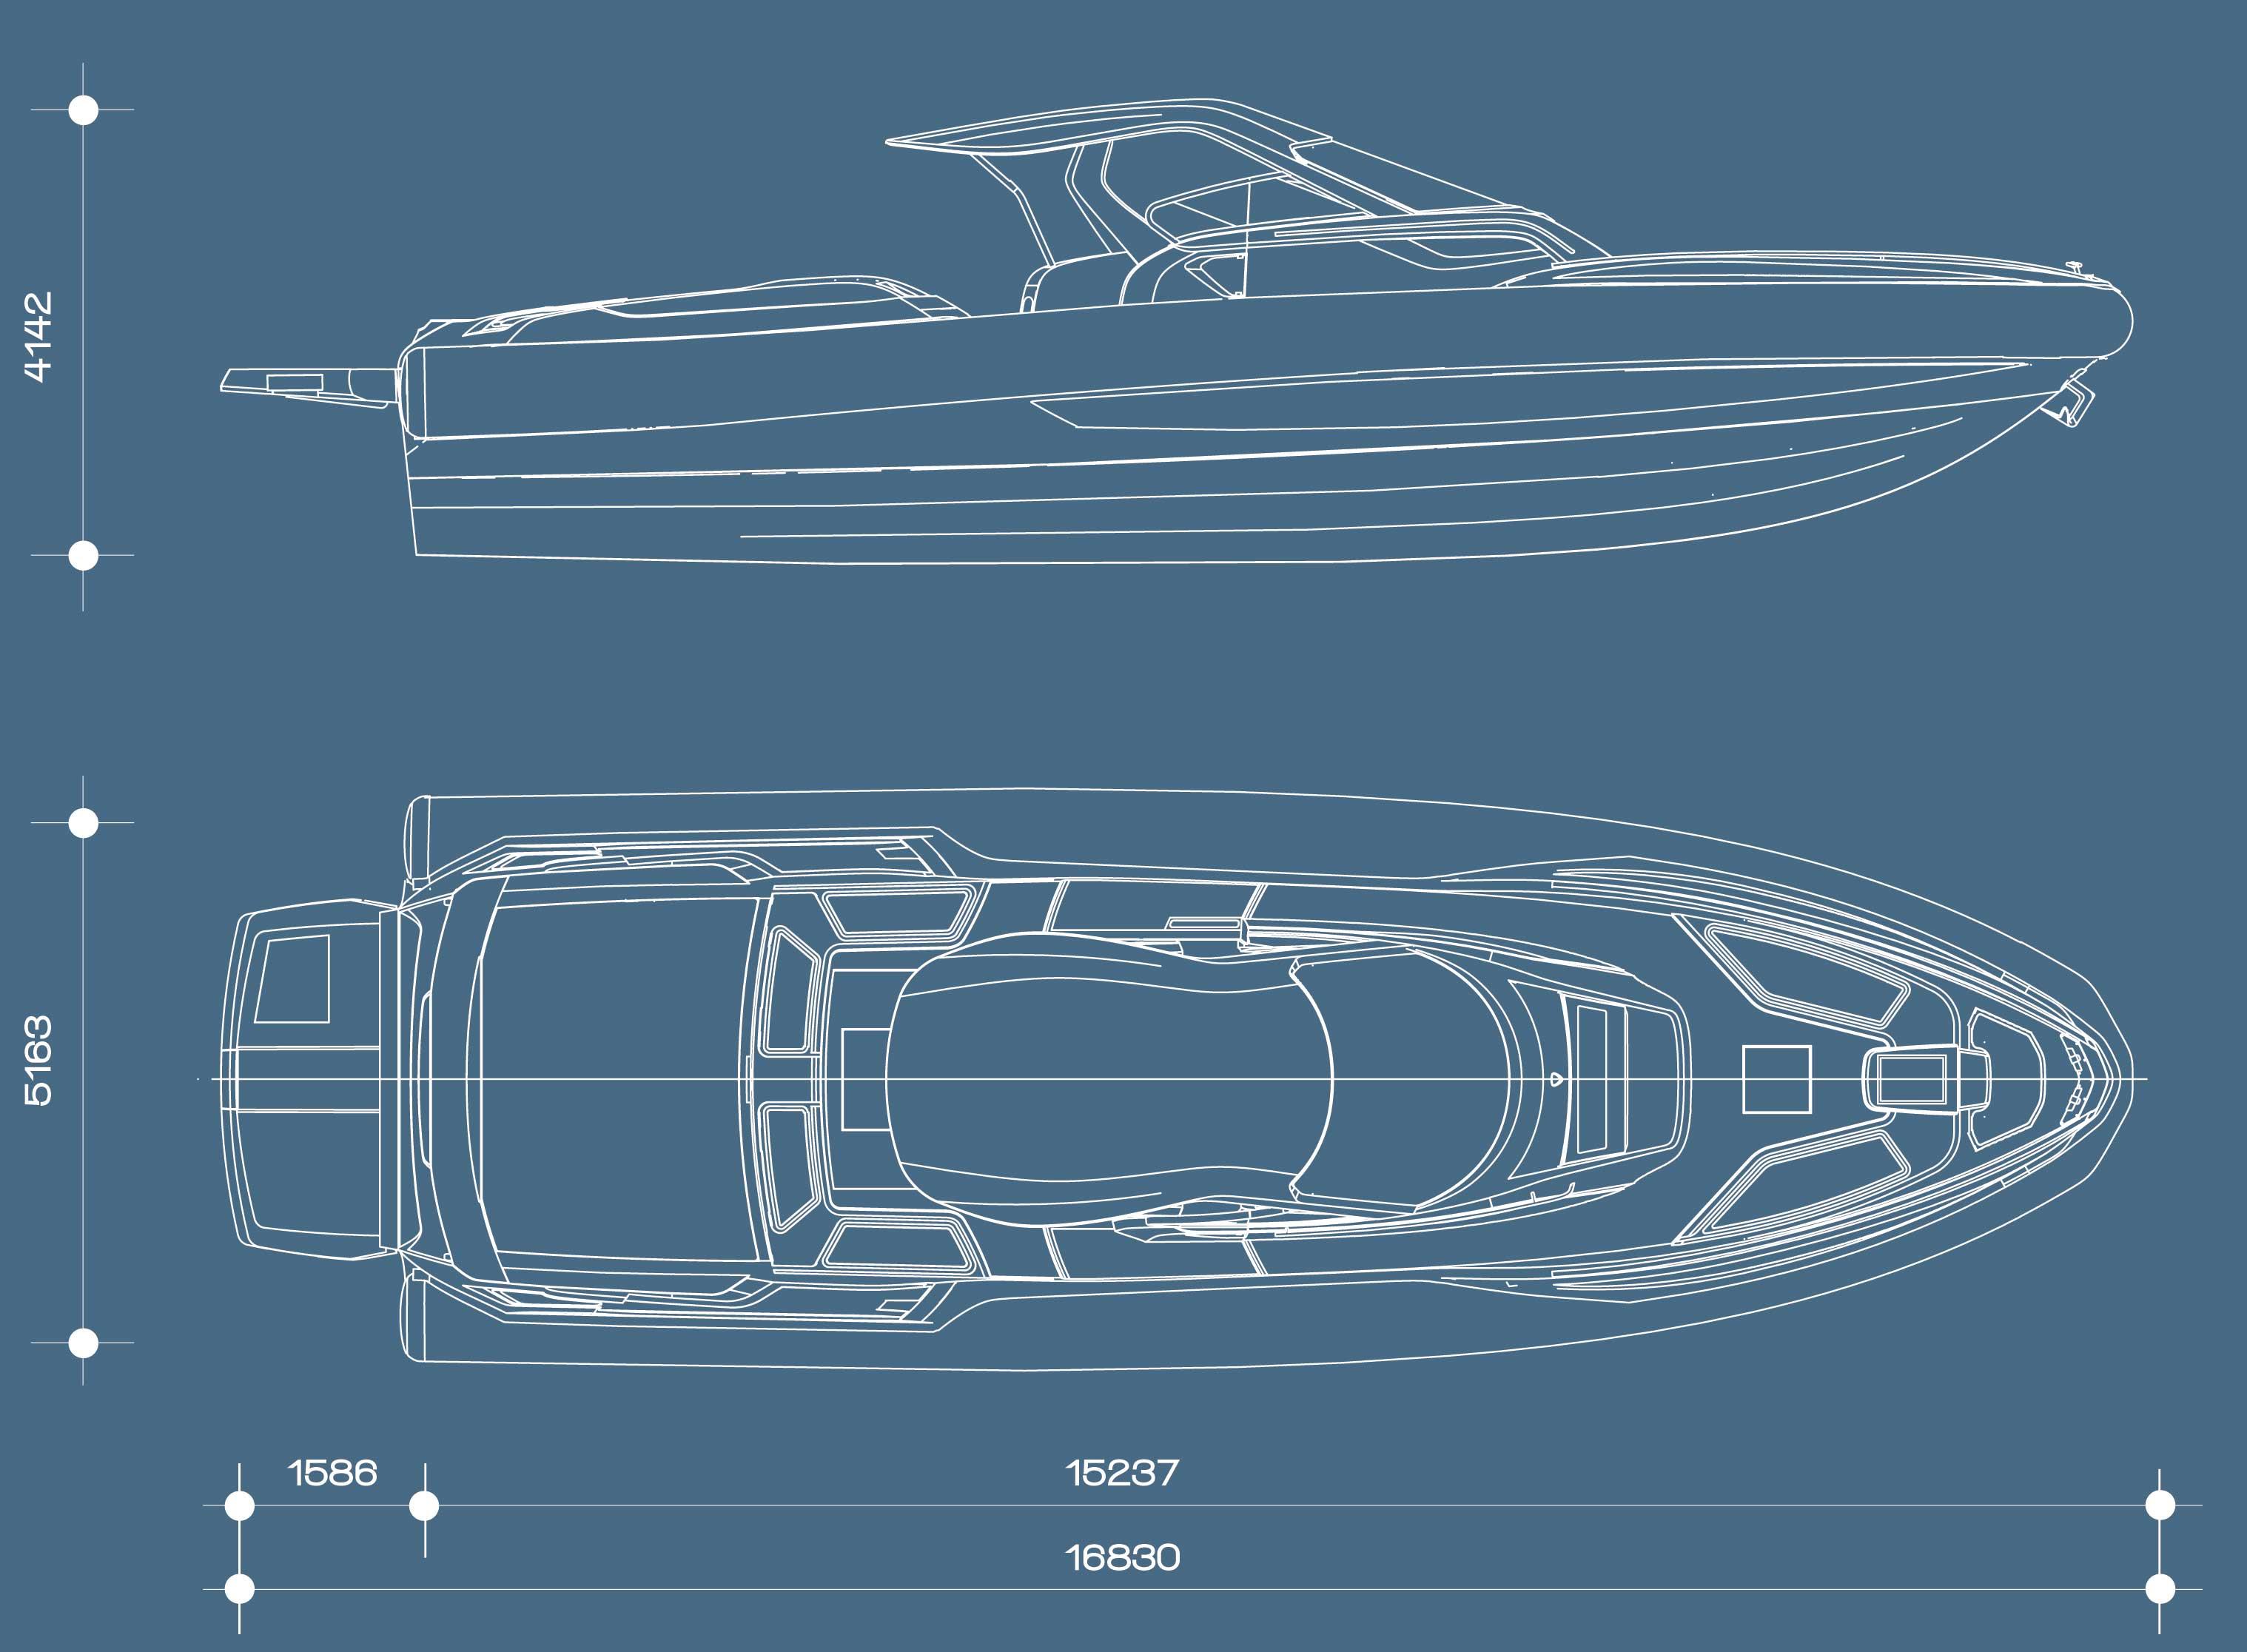 lisse beaucoup de styles double coupon SACS STRIDER 18 EN - UA-Marine